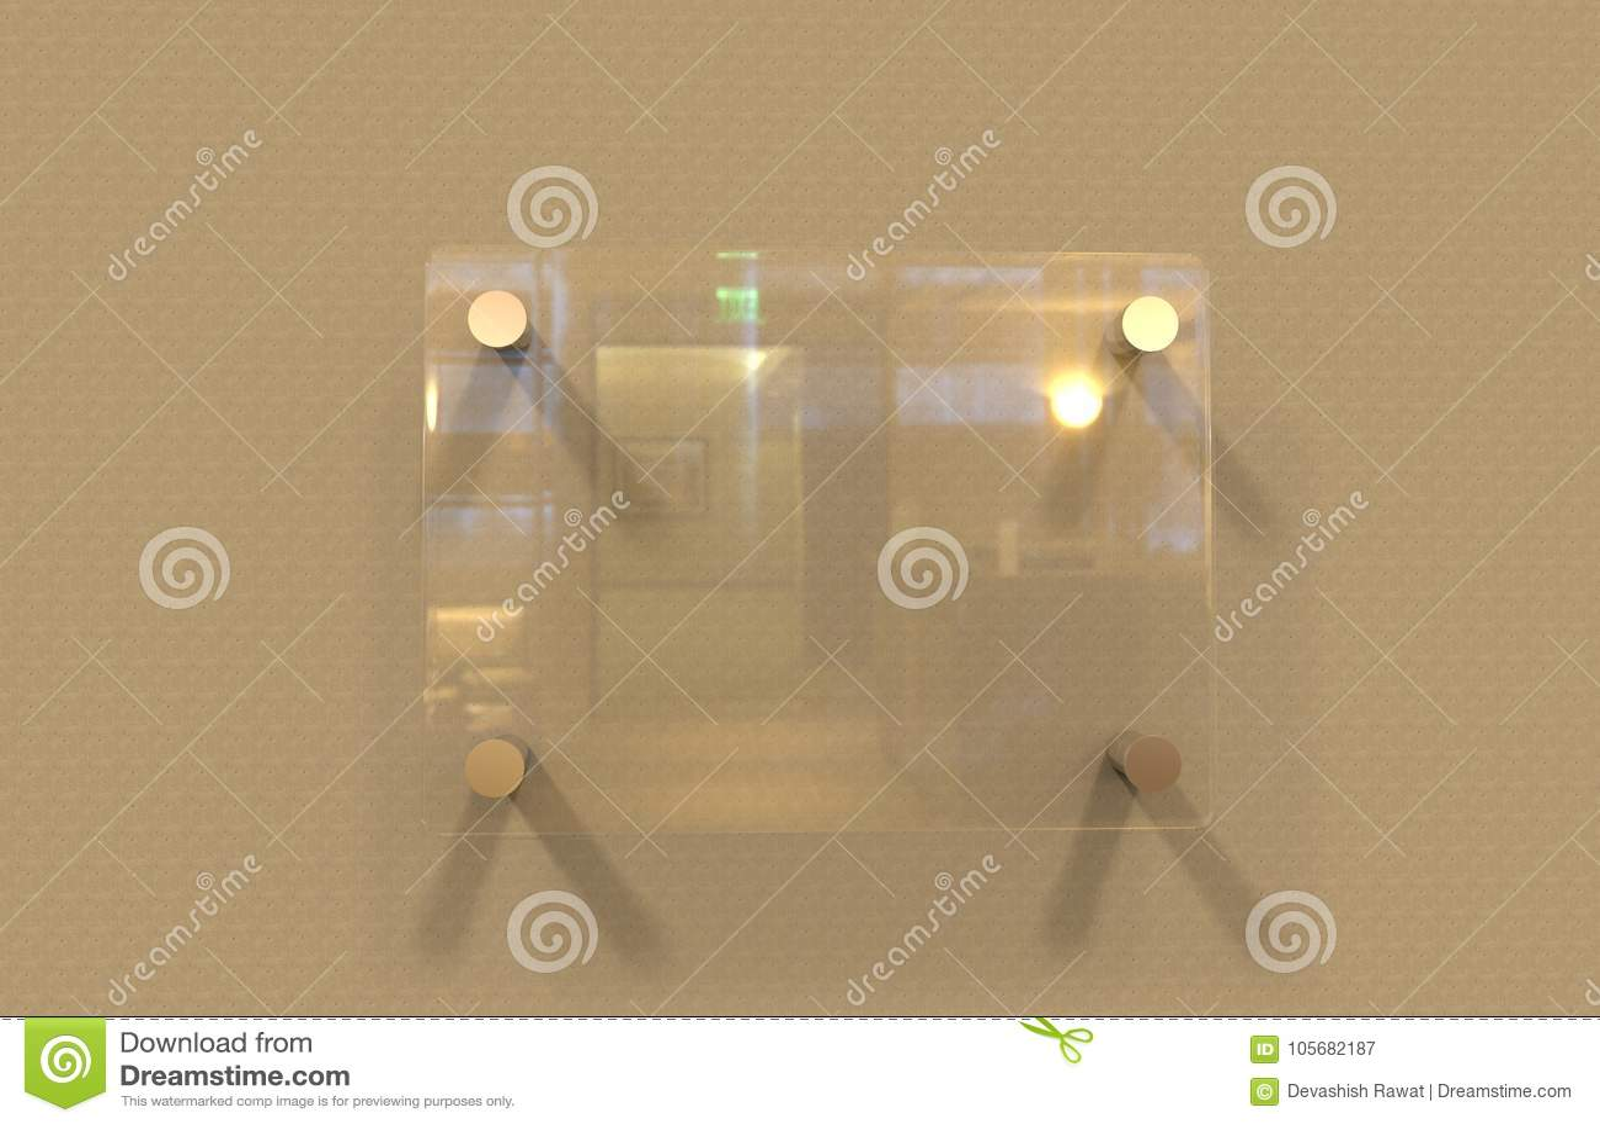 Κενή διαφανής γυαλιού εσωτερική χλεύη πιάτων συστημάτων σηματοδότησης γραφείων εταιρική επάνω στο πρότυπο, τρισδιάστατη απεικόνισ